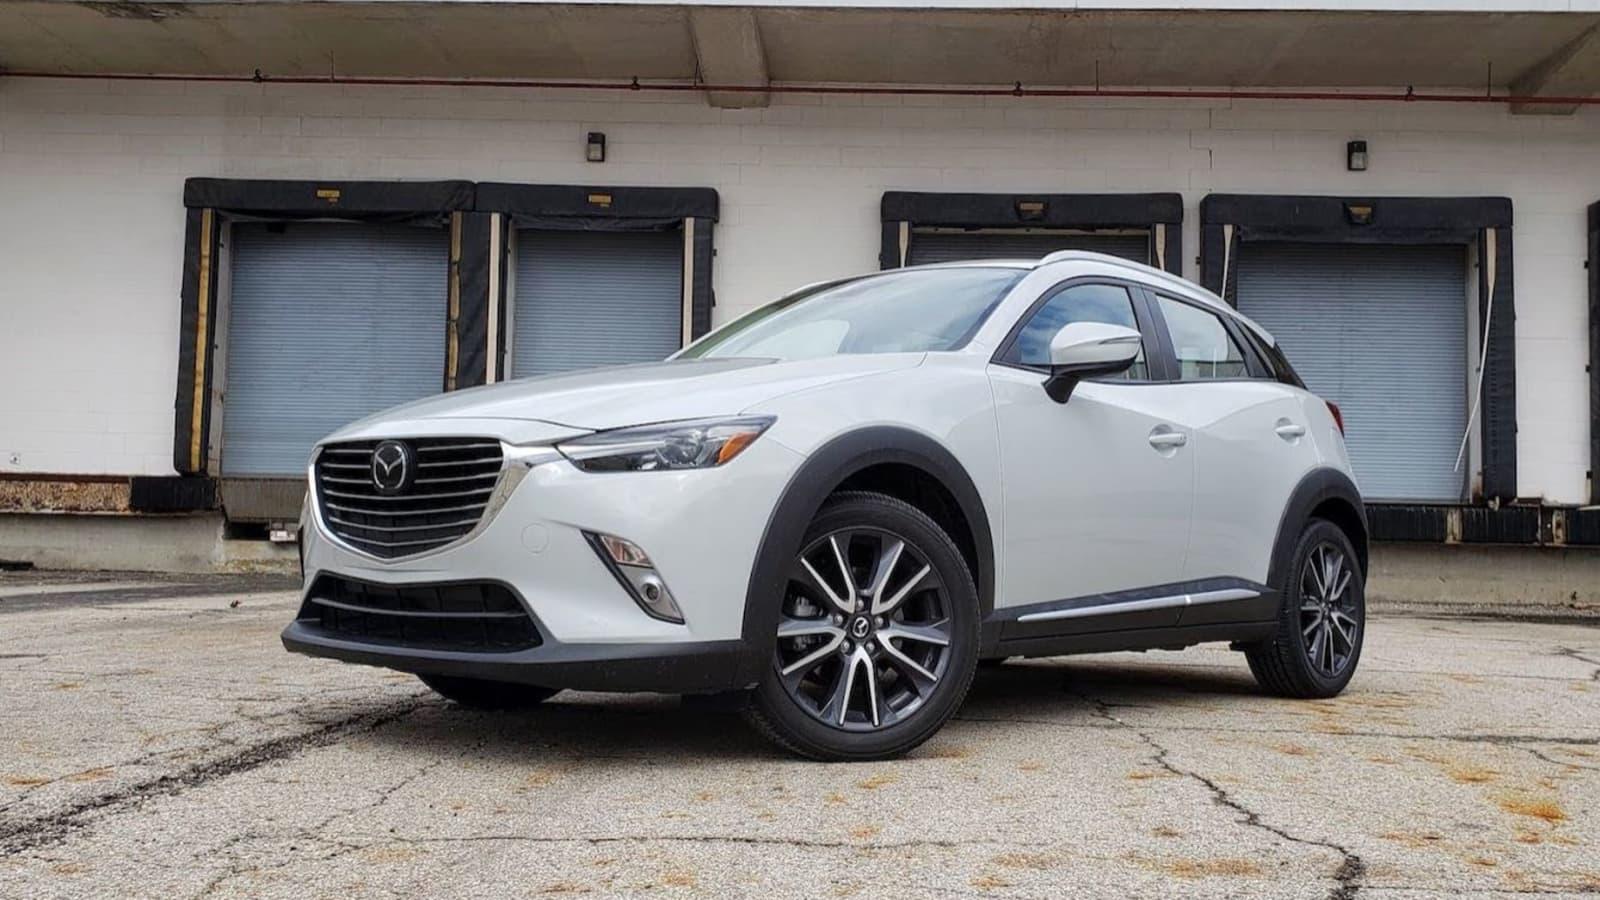 Kekurangan Mazda Cx 3 2018 Tangguh